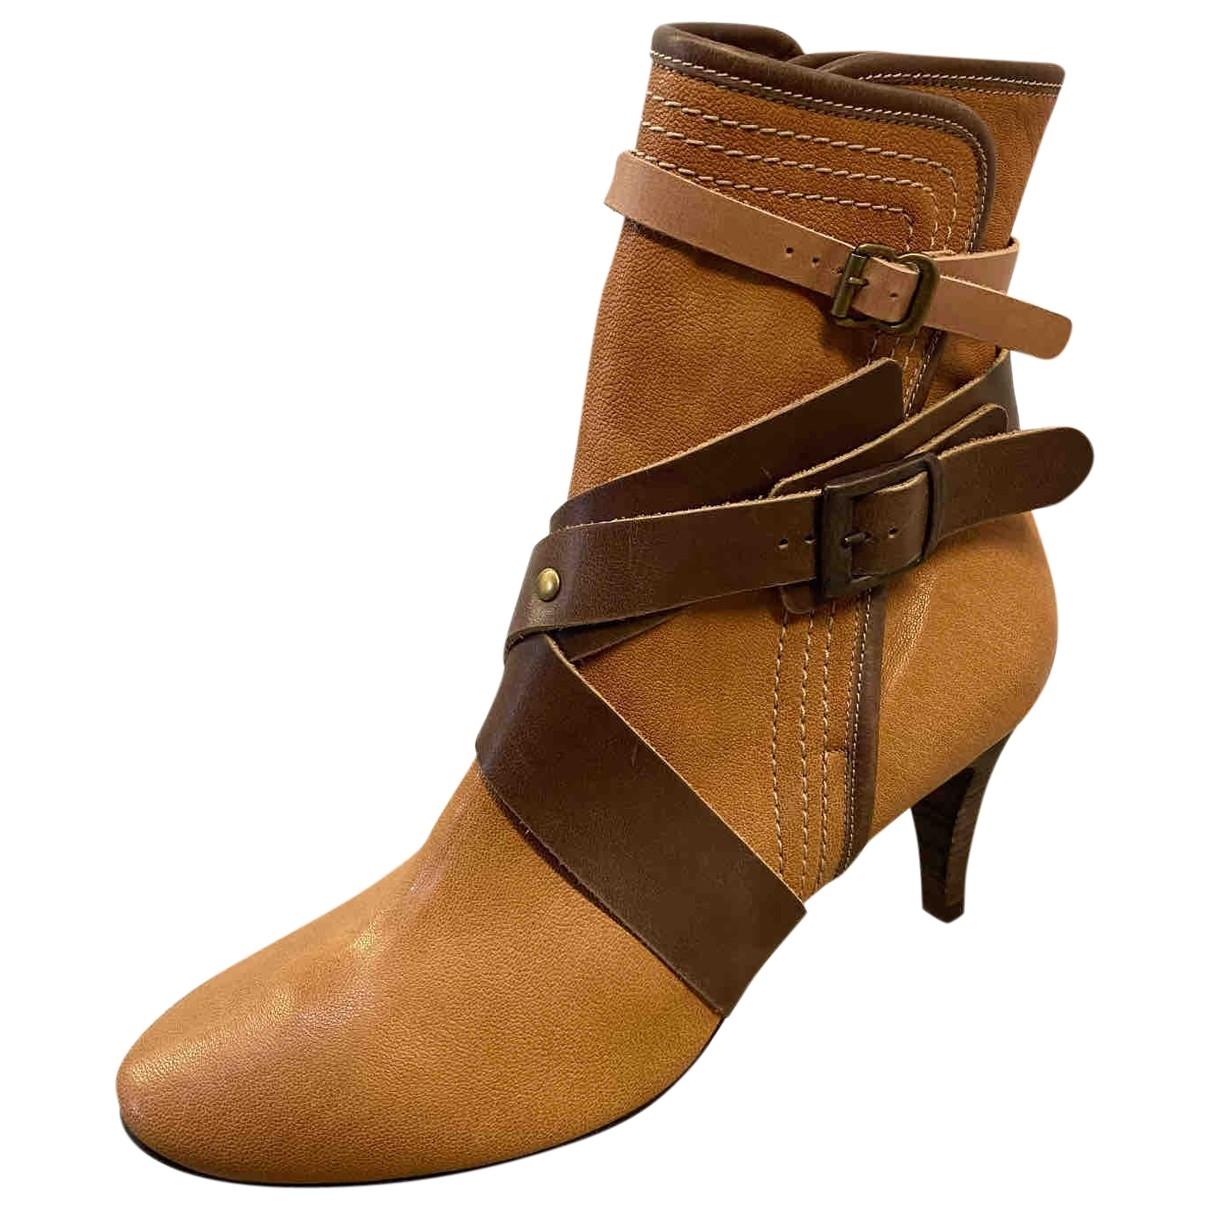 Chloe - Boots   pour femme en cuir - multicolore